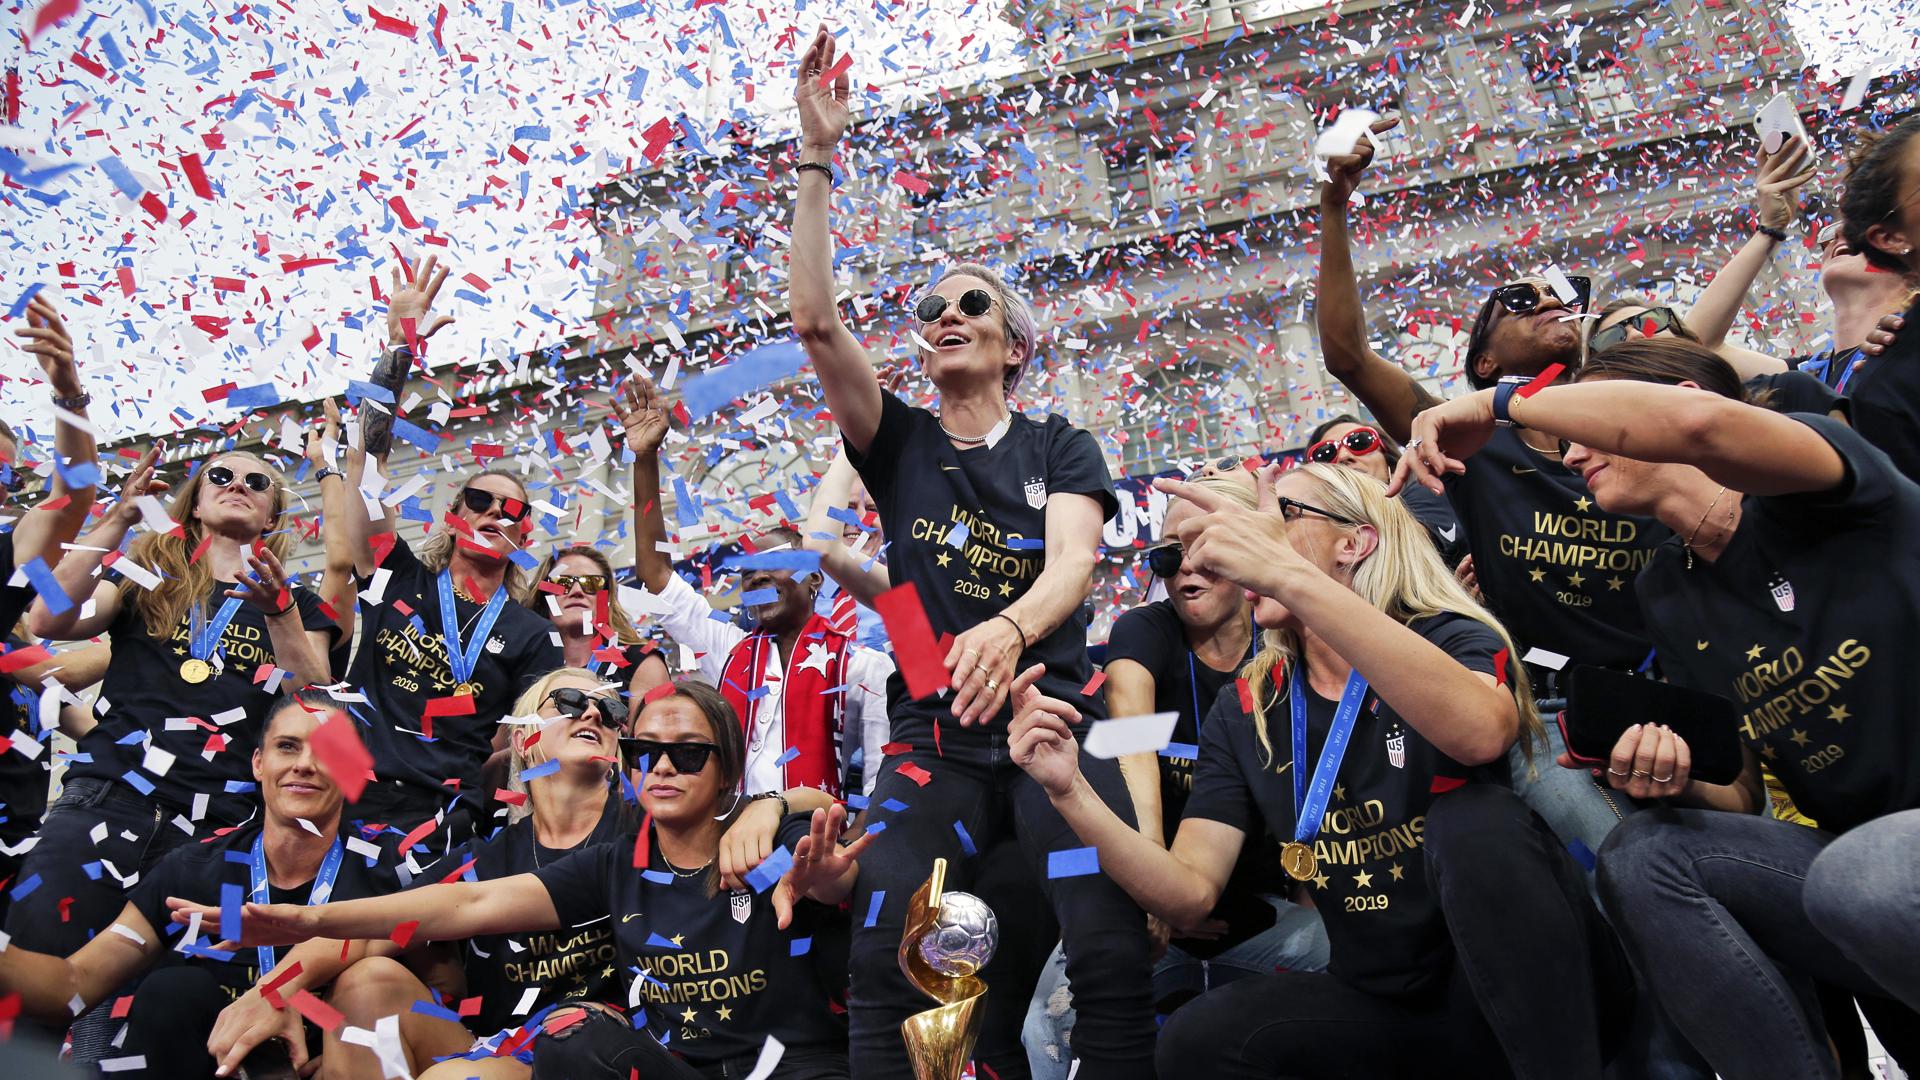 El poderoso mensaje de las campeonas de la Copa Mundial Femenina de Fútbol